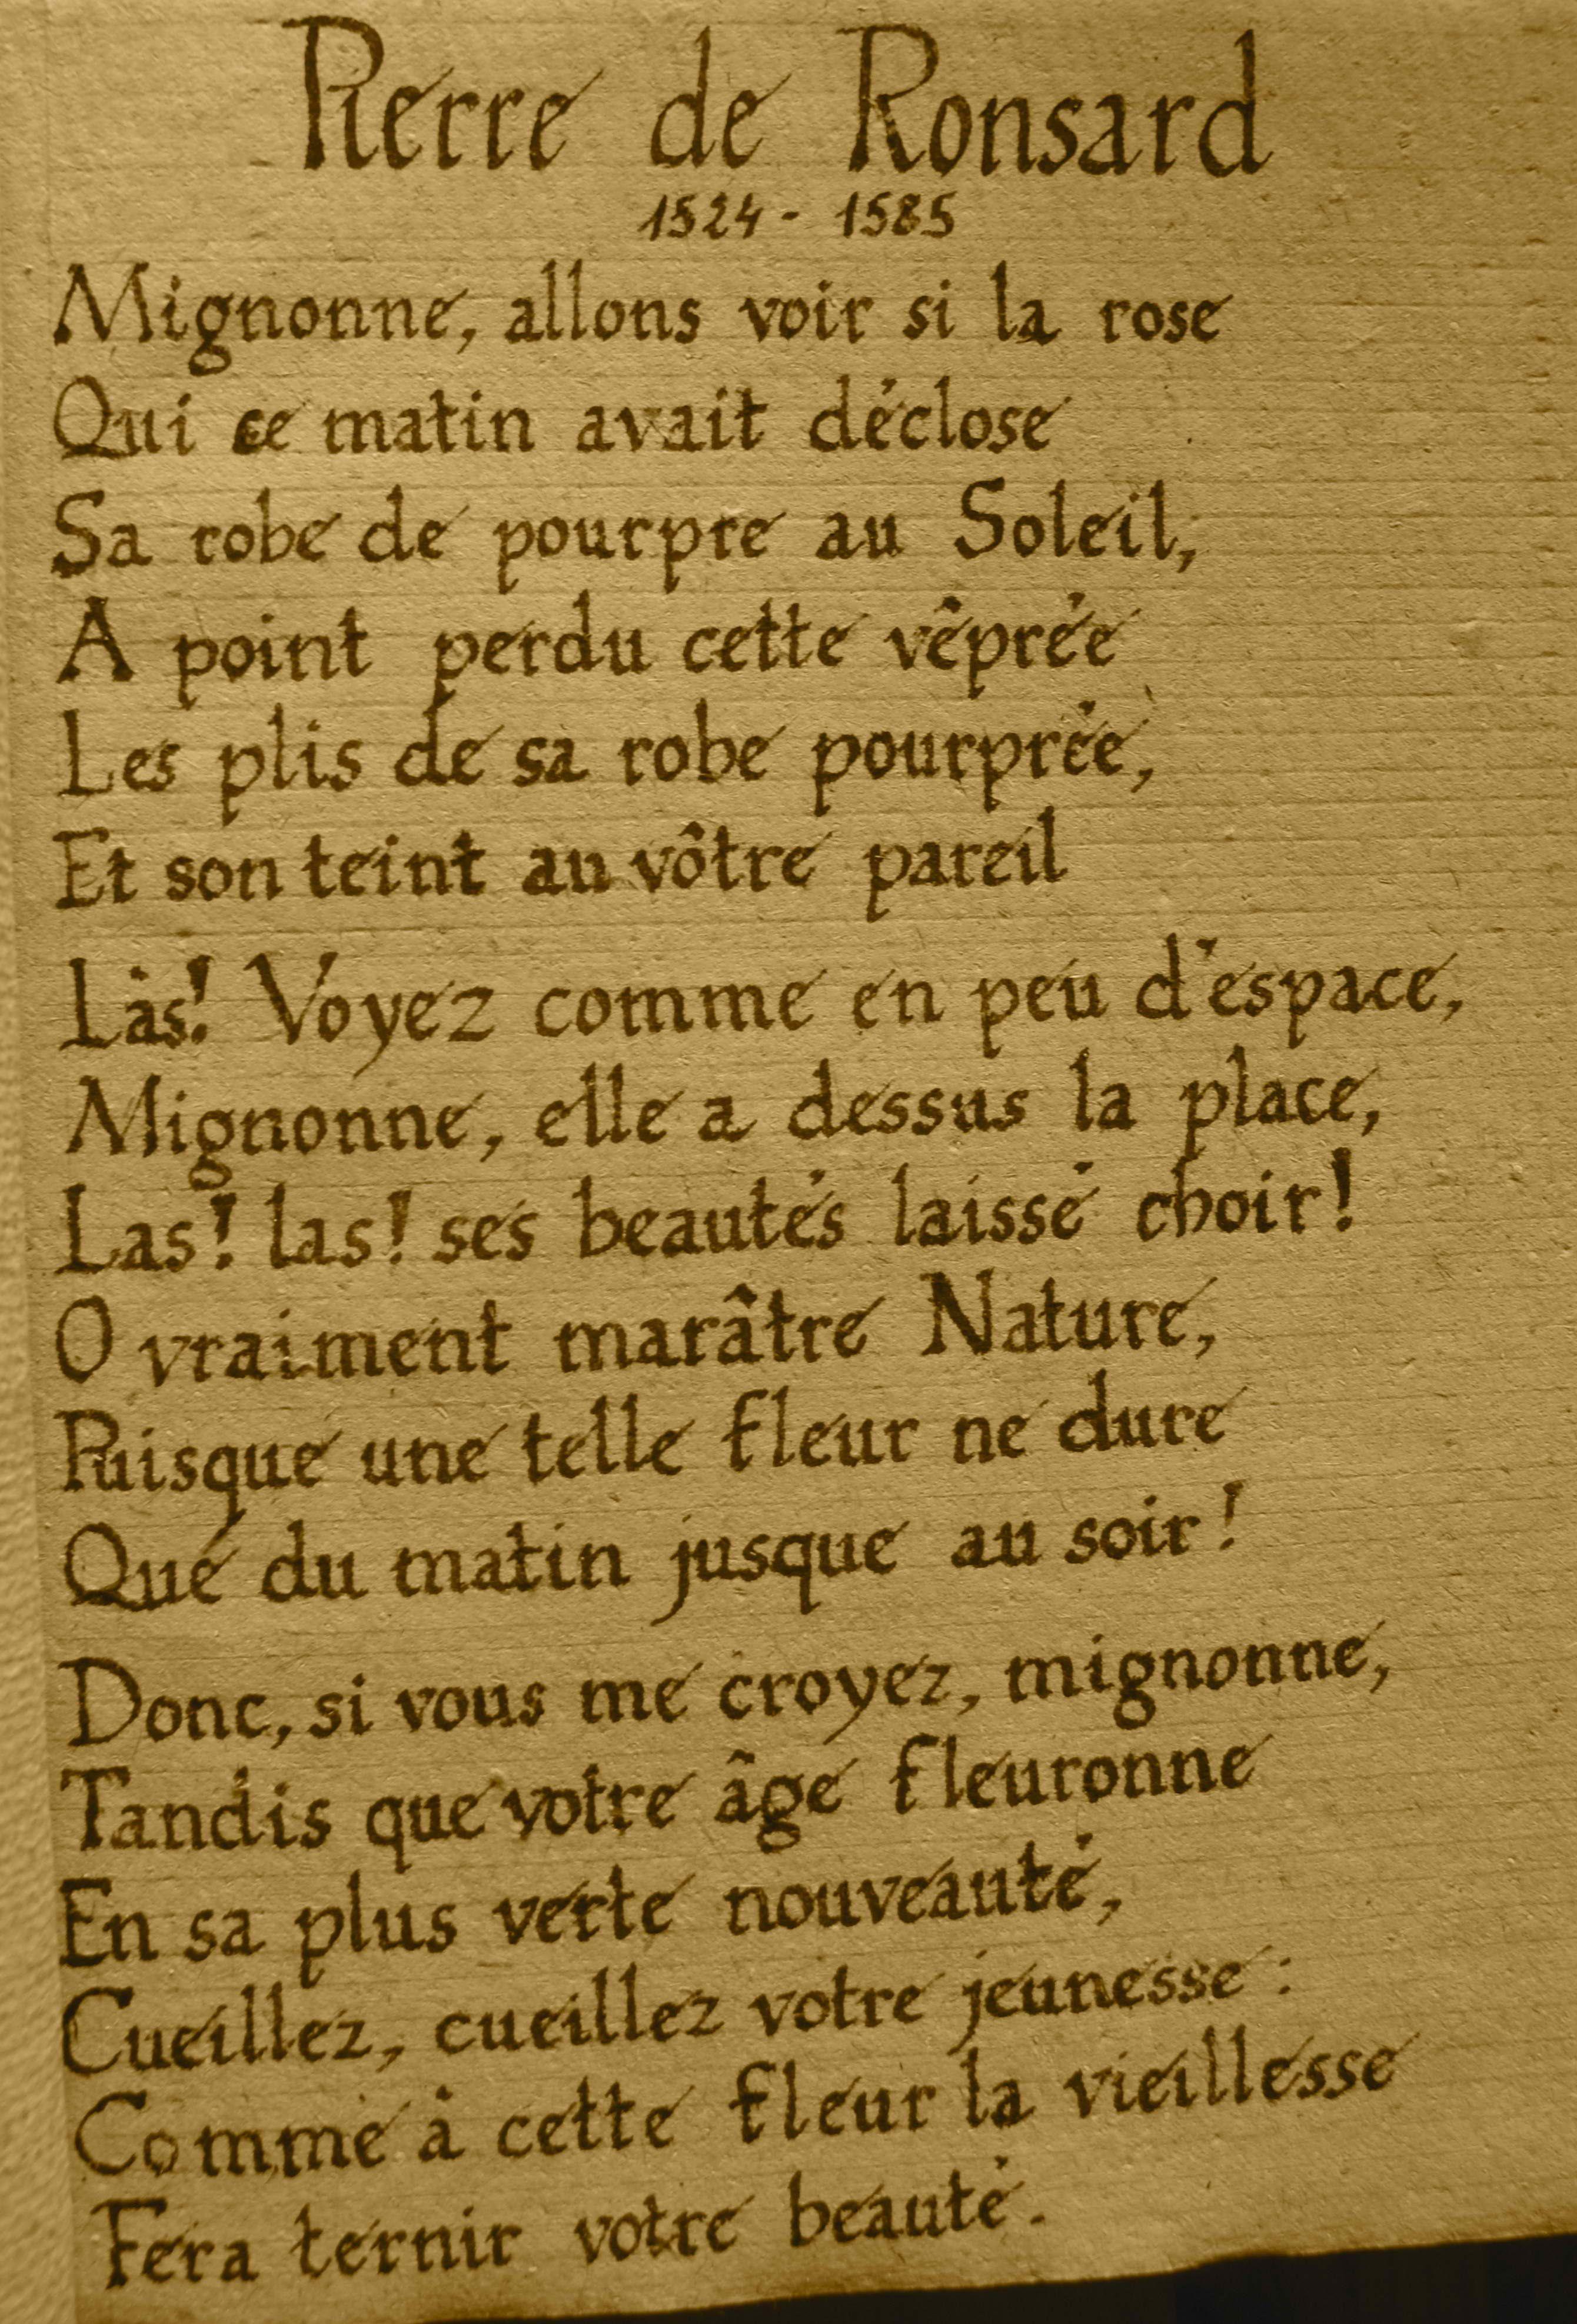 Pierre De Ronsard à Cassandre Odes 1545 Poeme Et